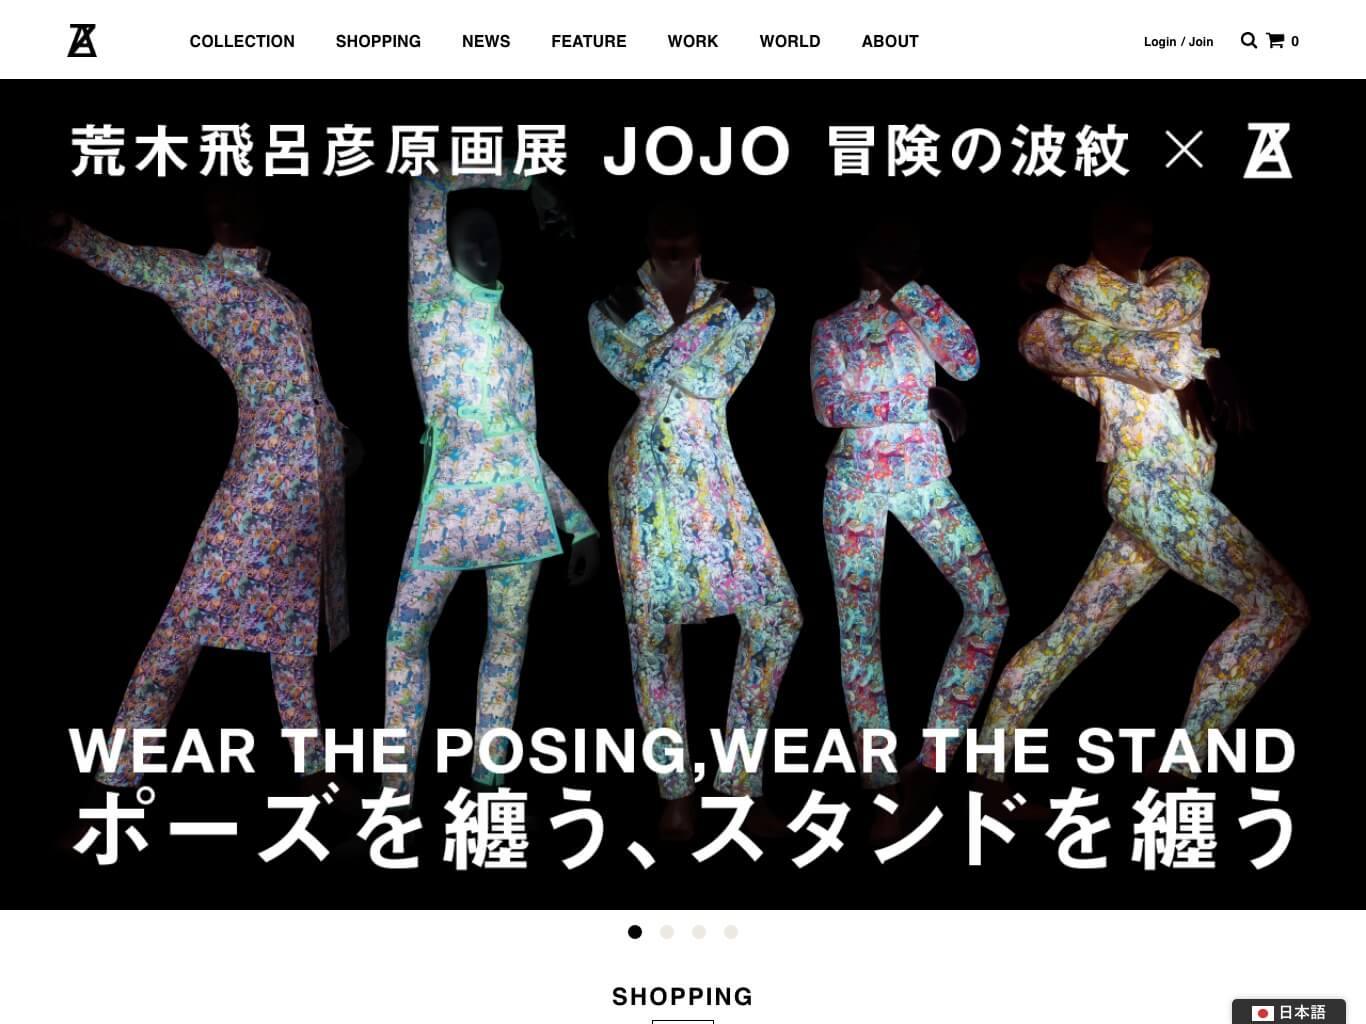 040137b7a2d0 ファッション / webデザイナーのためのギャラリー・サイトリンク集 / 1GUU